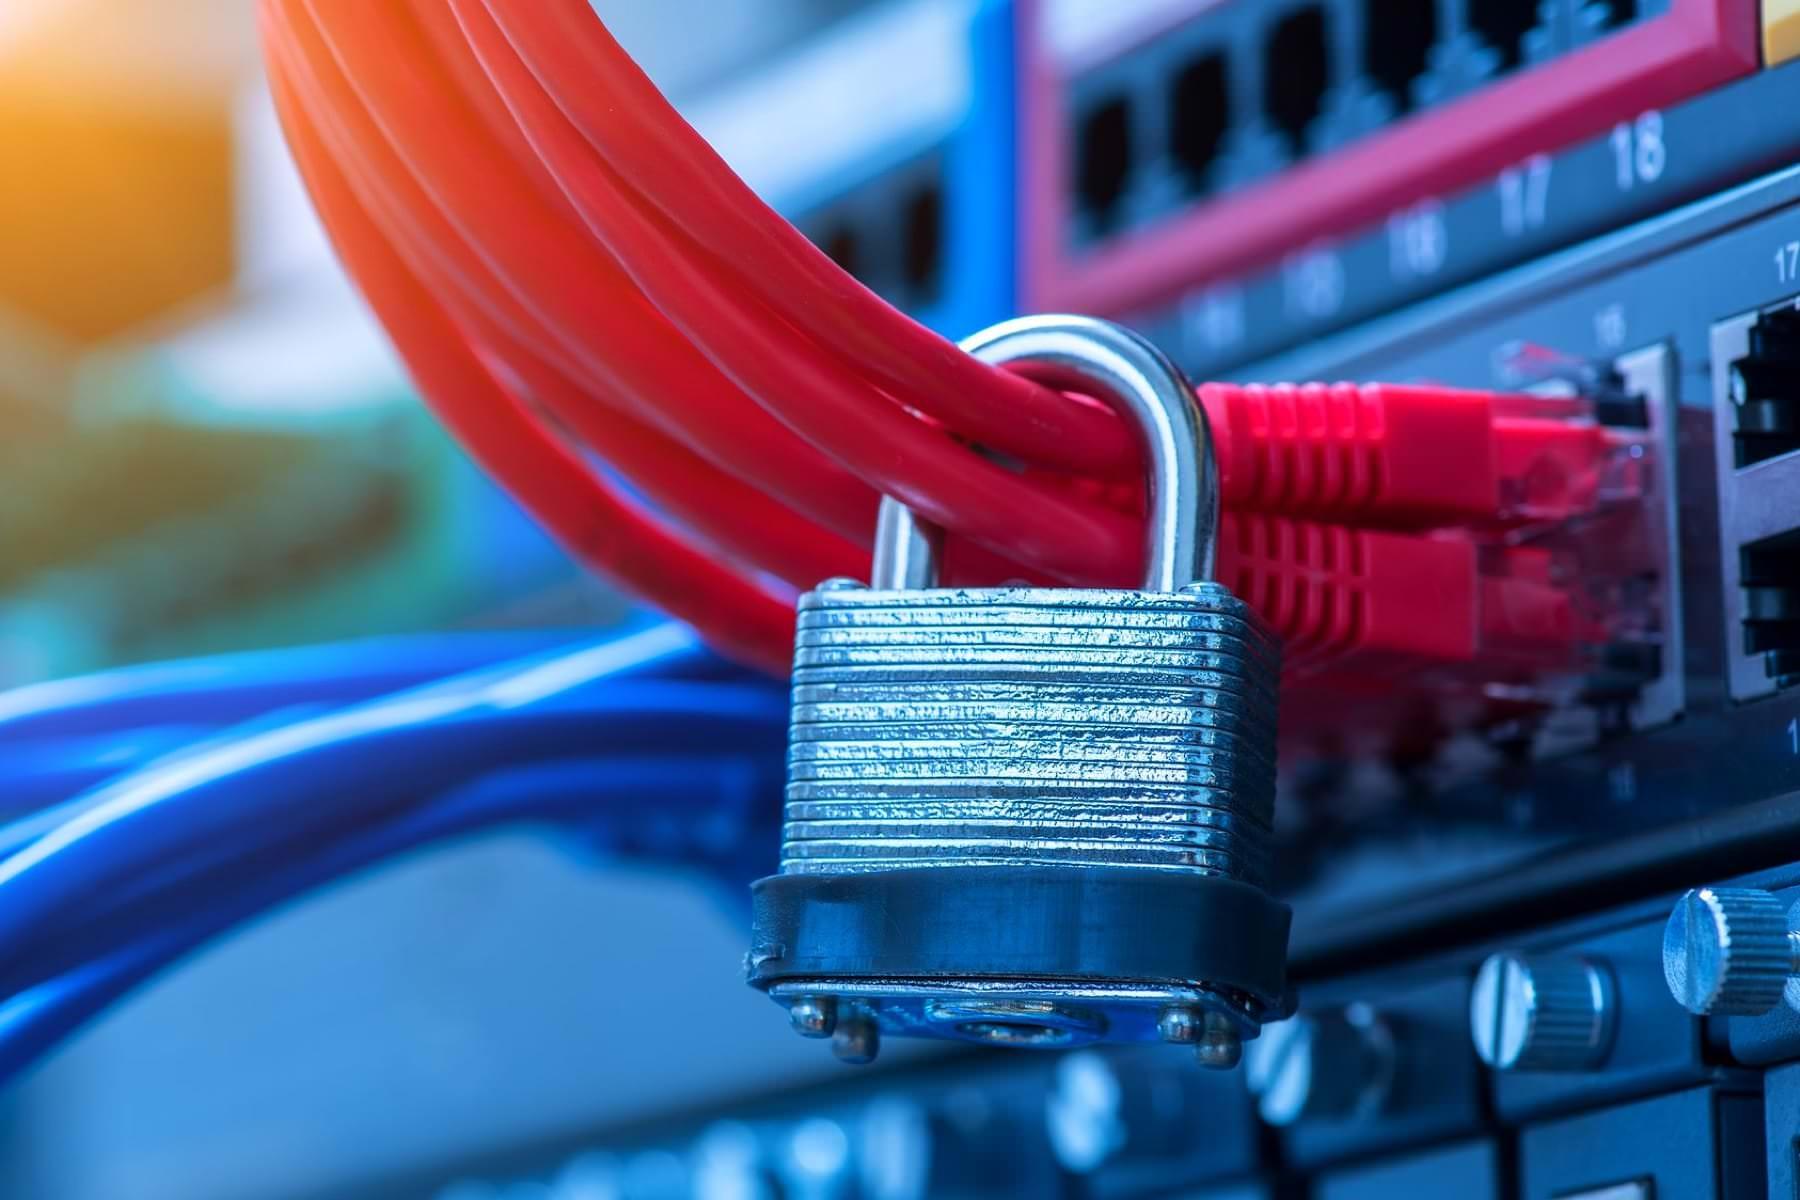 Закон об изоляции российского интернета когда вступит в силу